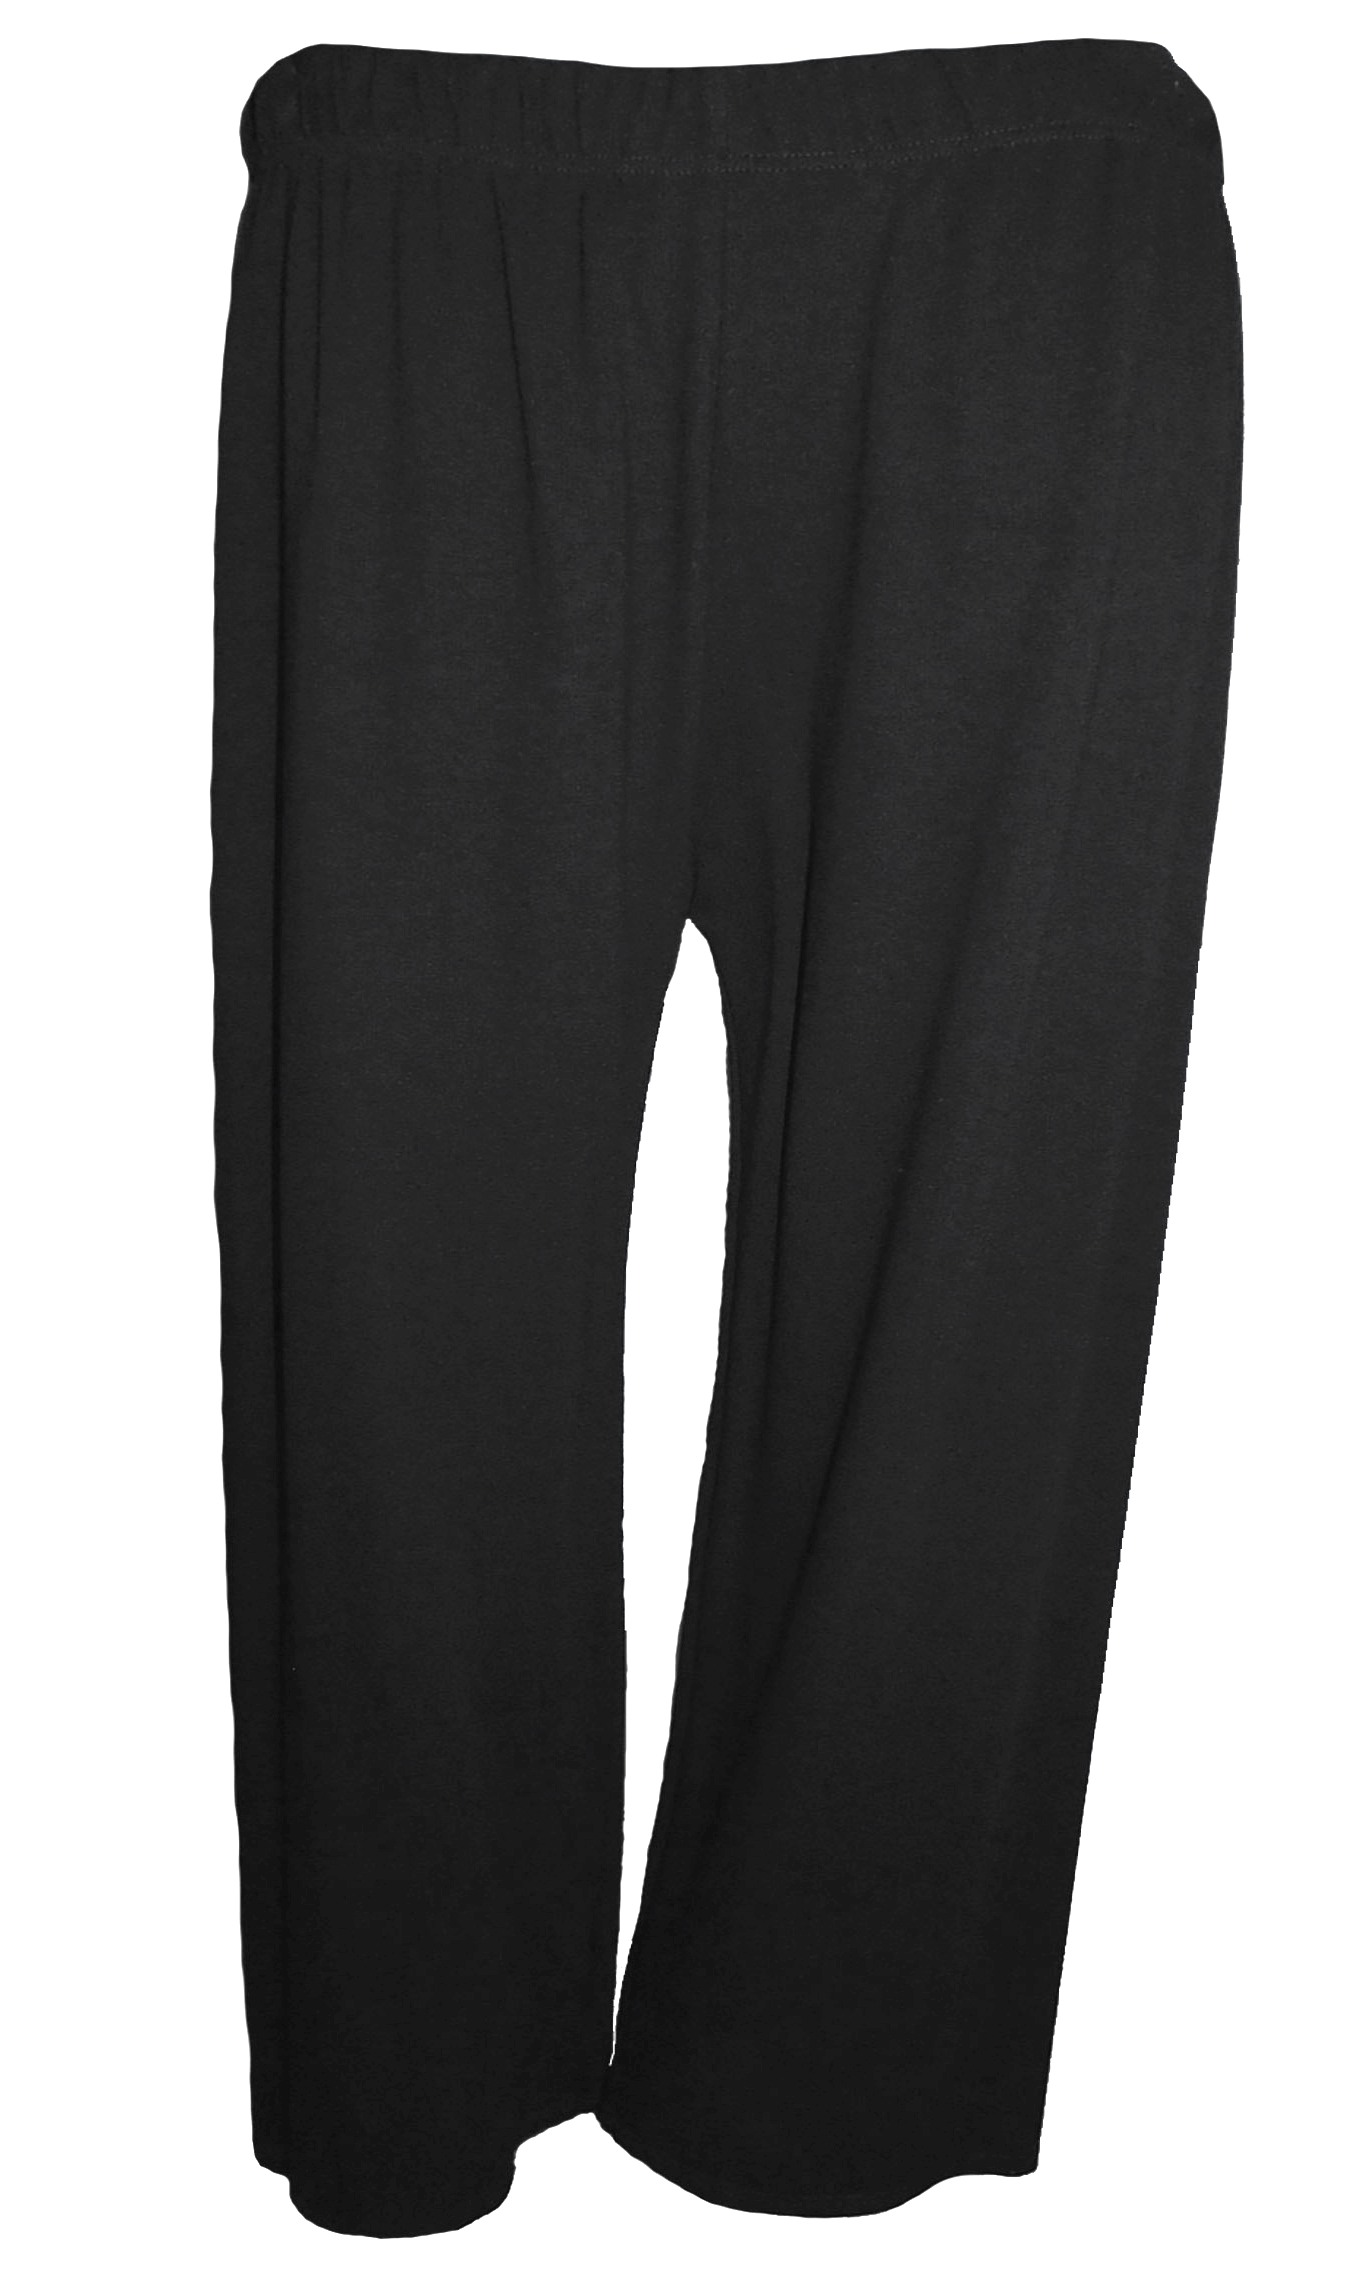 Spodnie czarne jersey XXXL - 54 / 56